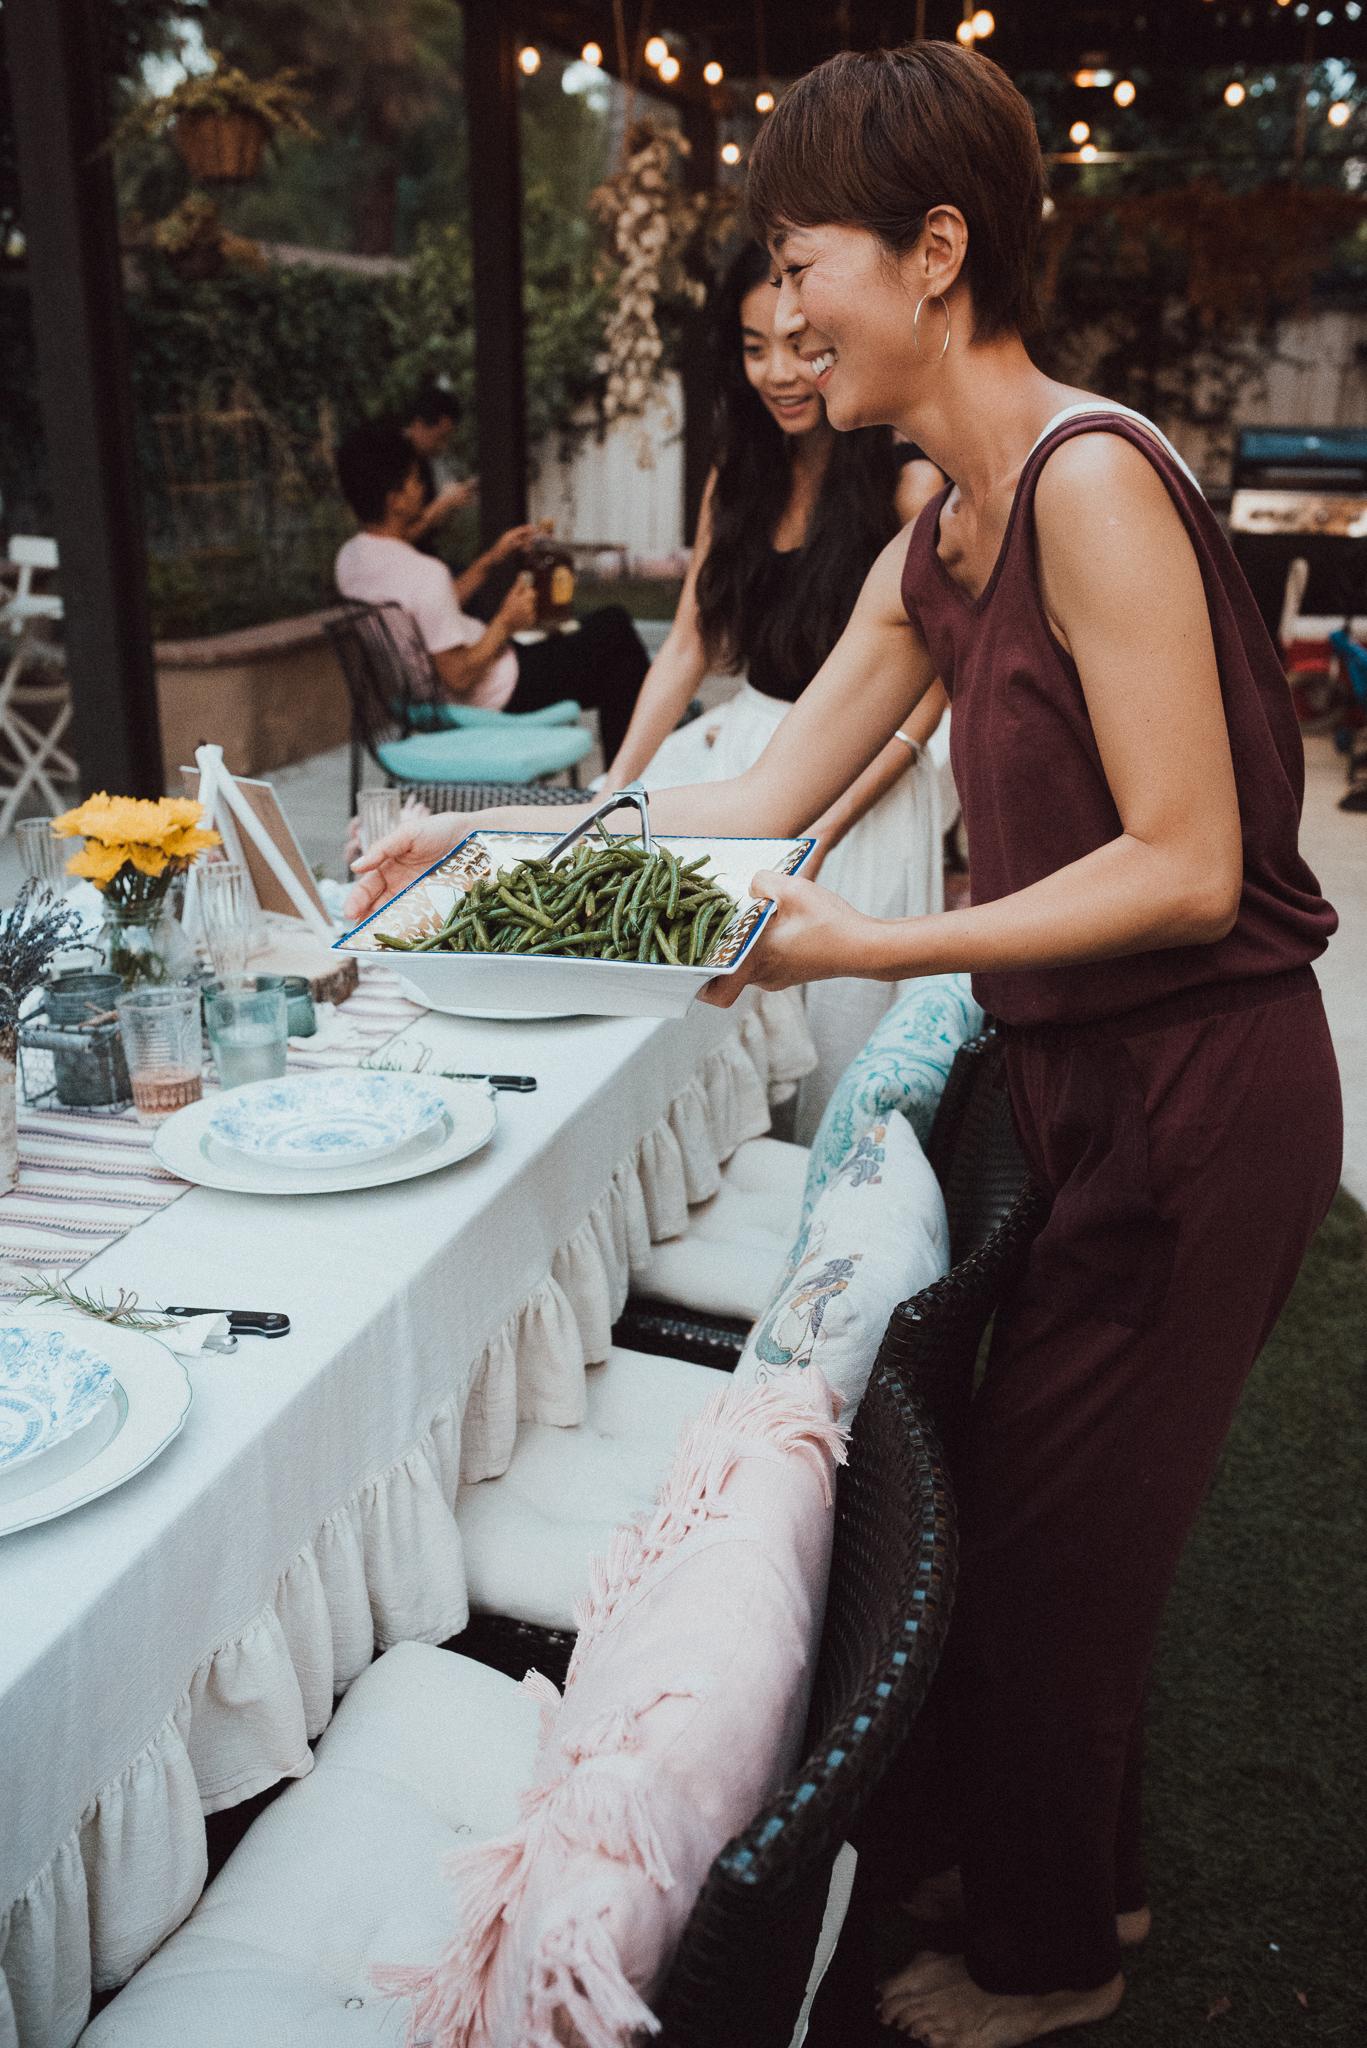 outdoor-summer-dinner-6511.jpg